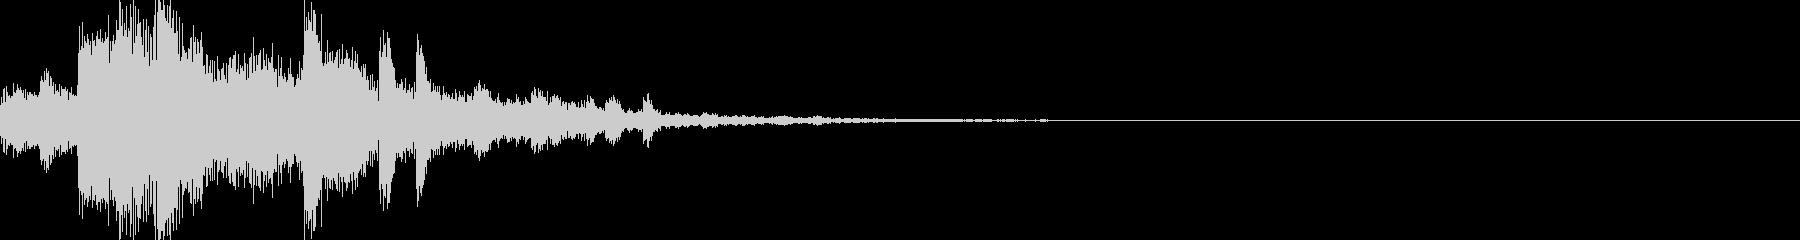 システム音06_シンセ(和風)の未再生の波形